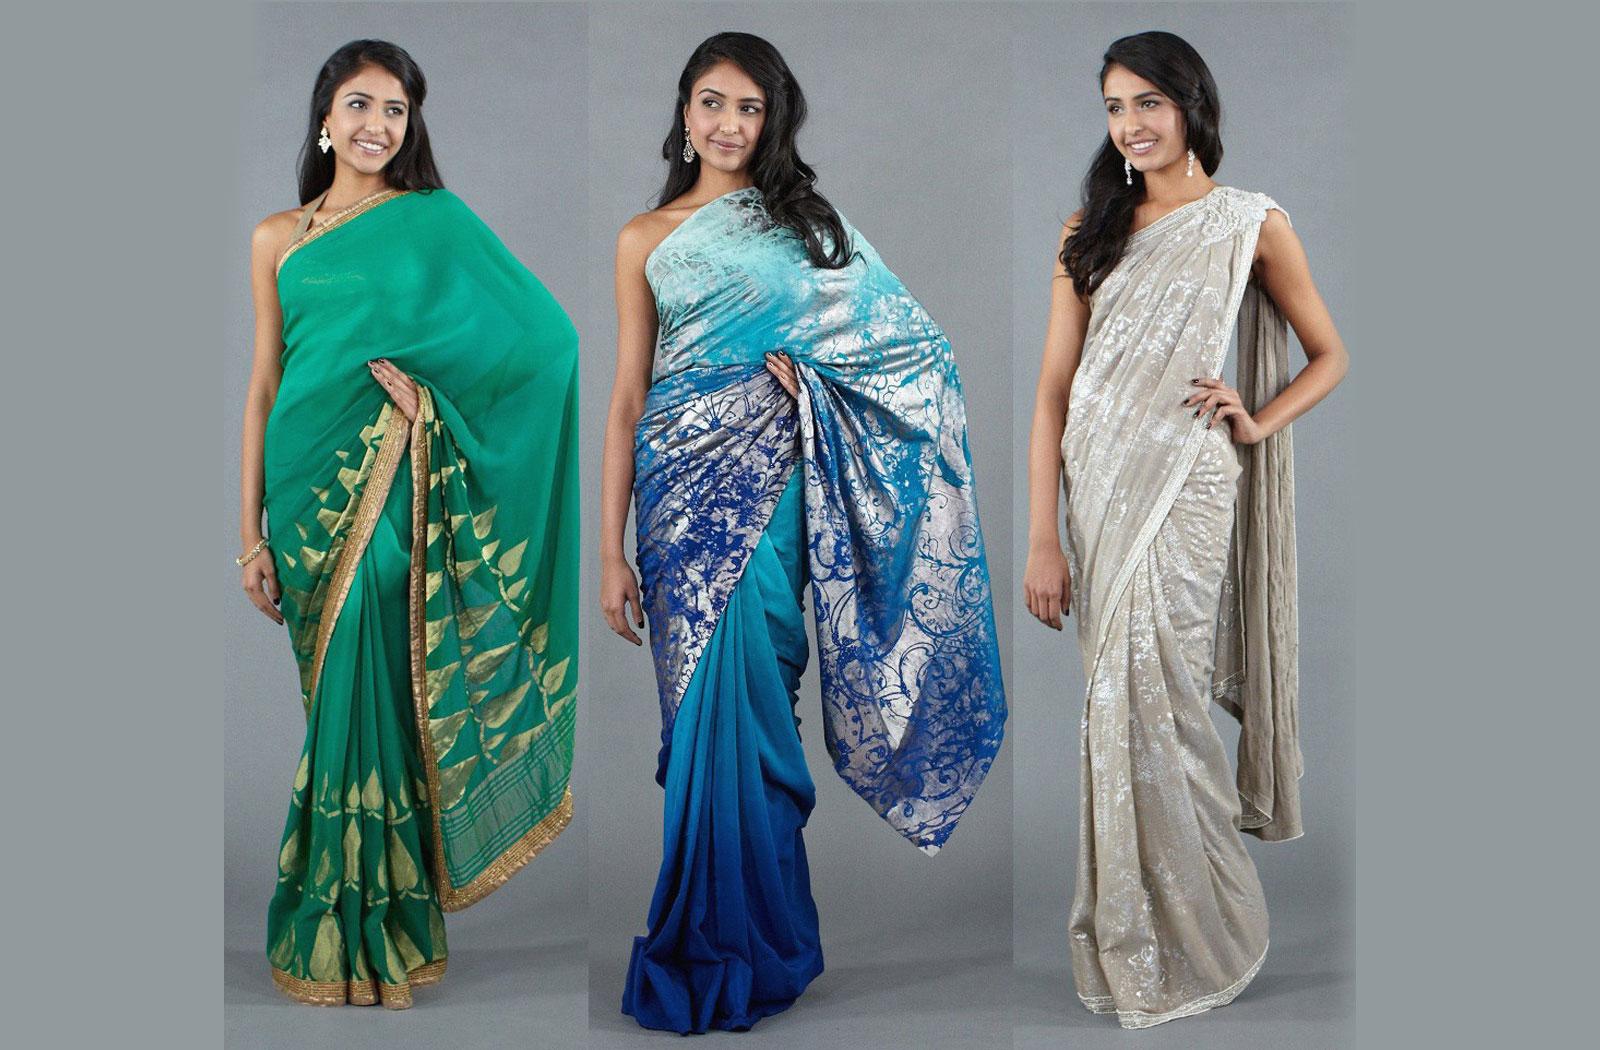 Фото национальной одежды Индии